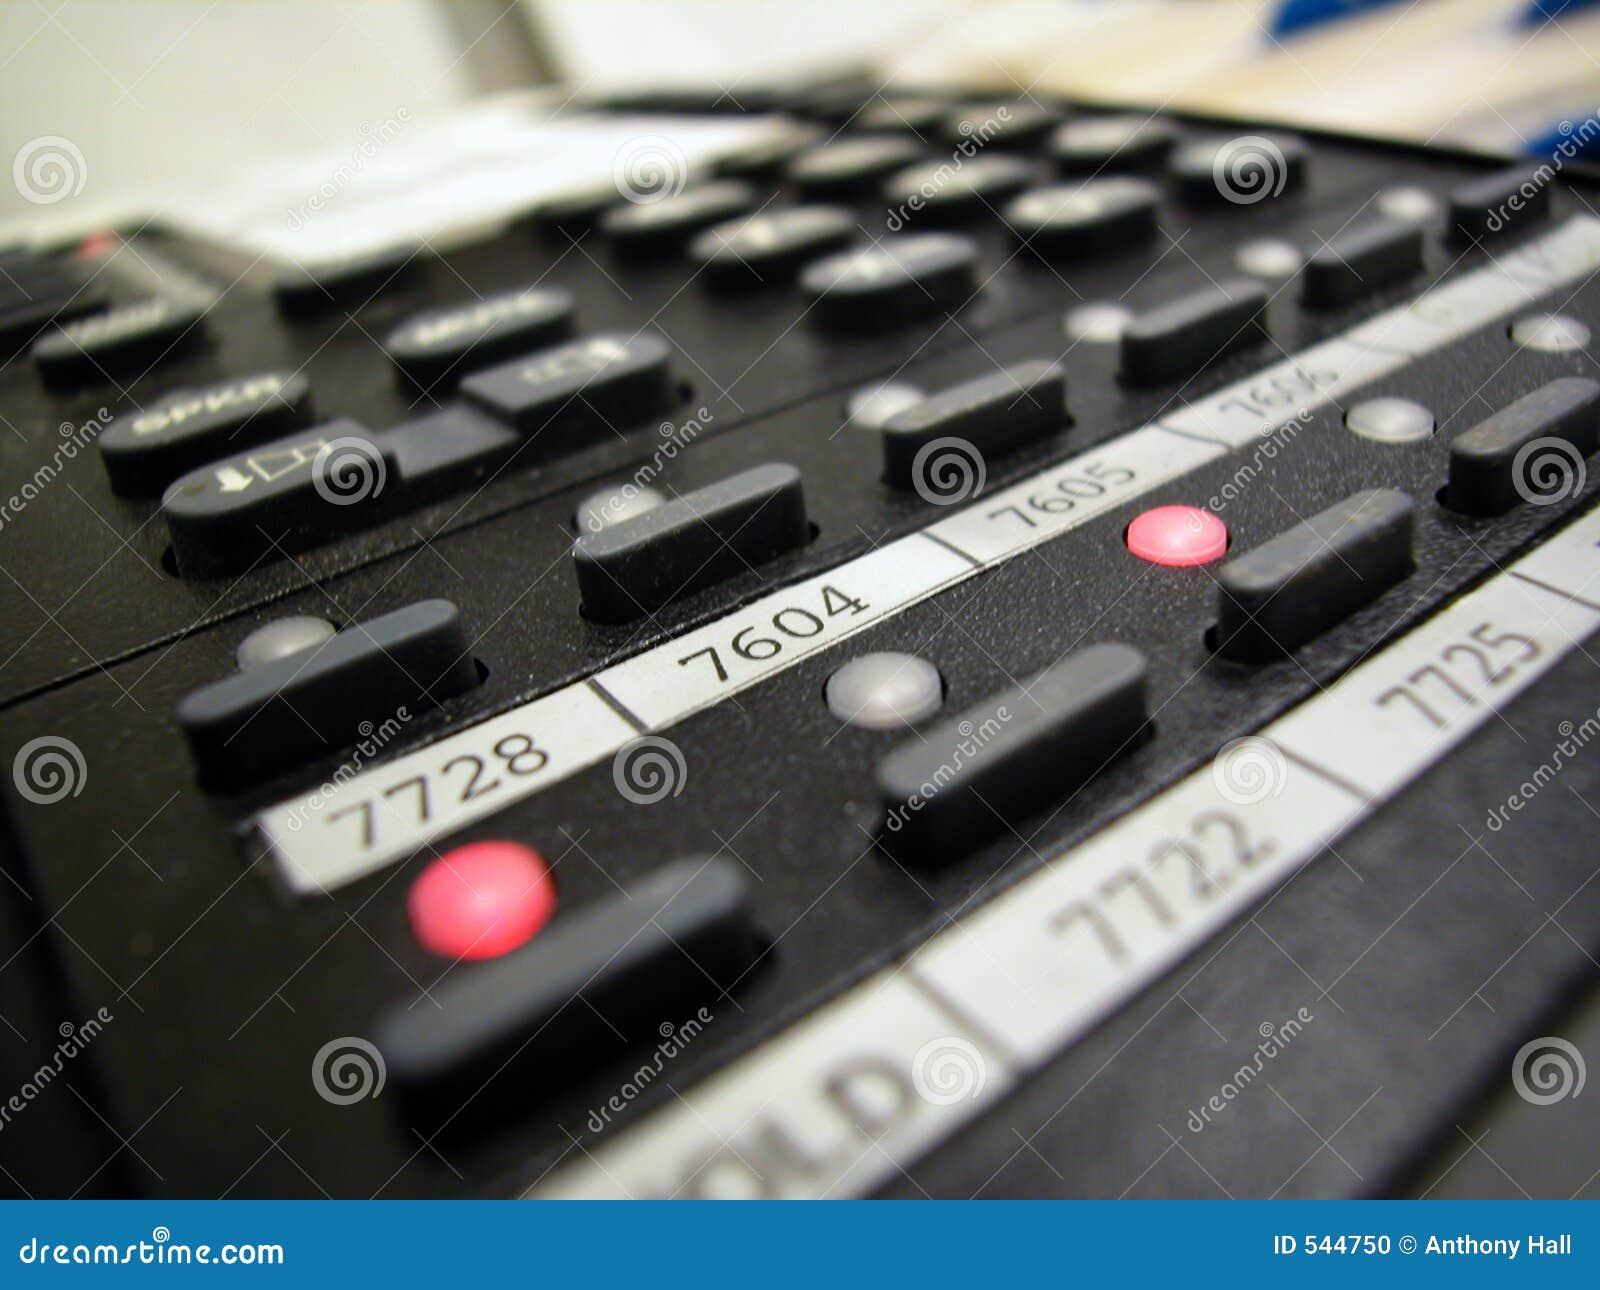 Download 关键董事会电话 库存照片. 图片 包括有 办公室, 谈话, 小卧室, 多维数据集, 扩展名, 按钮, 调用, 拨号 - 544750